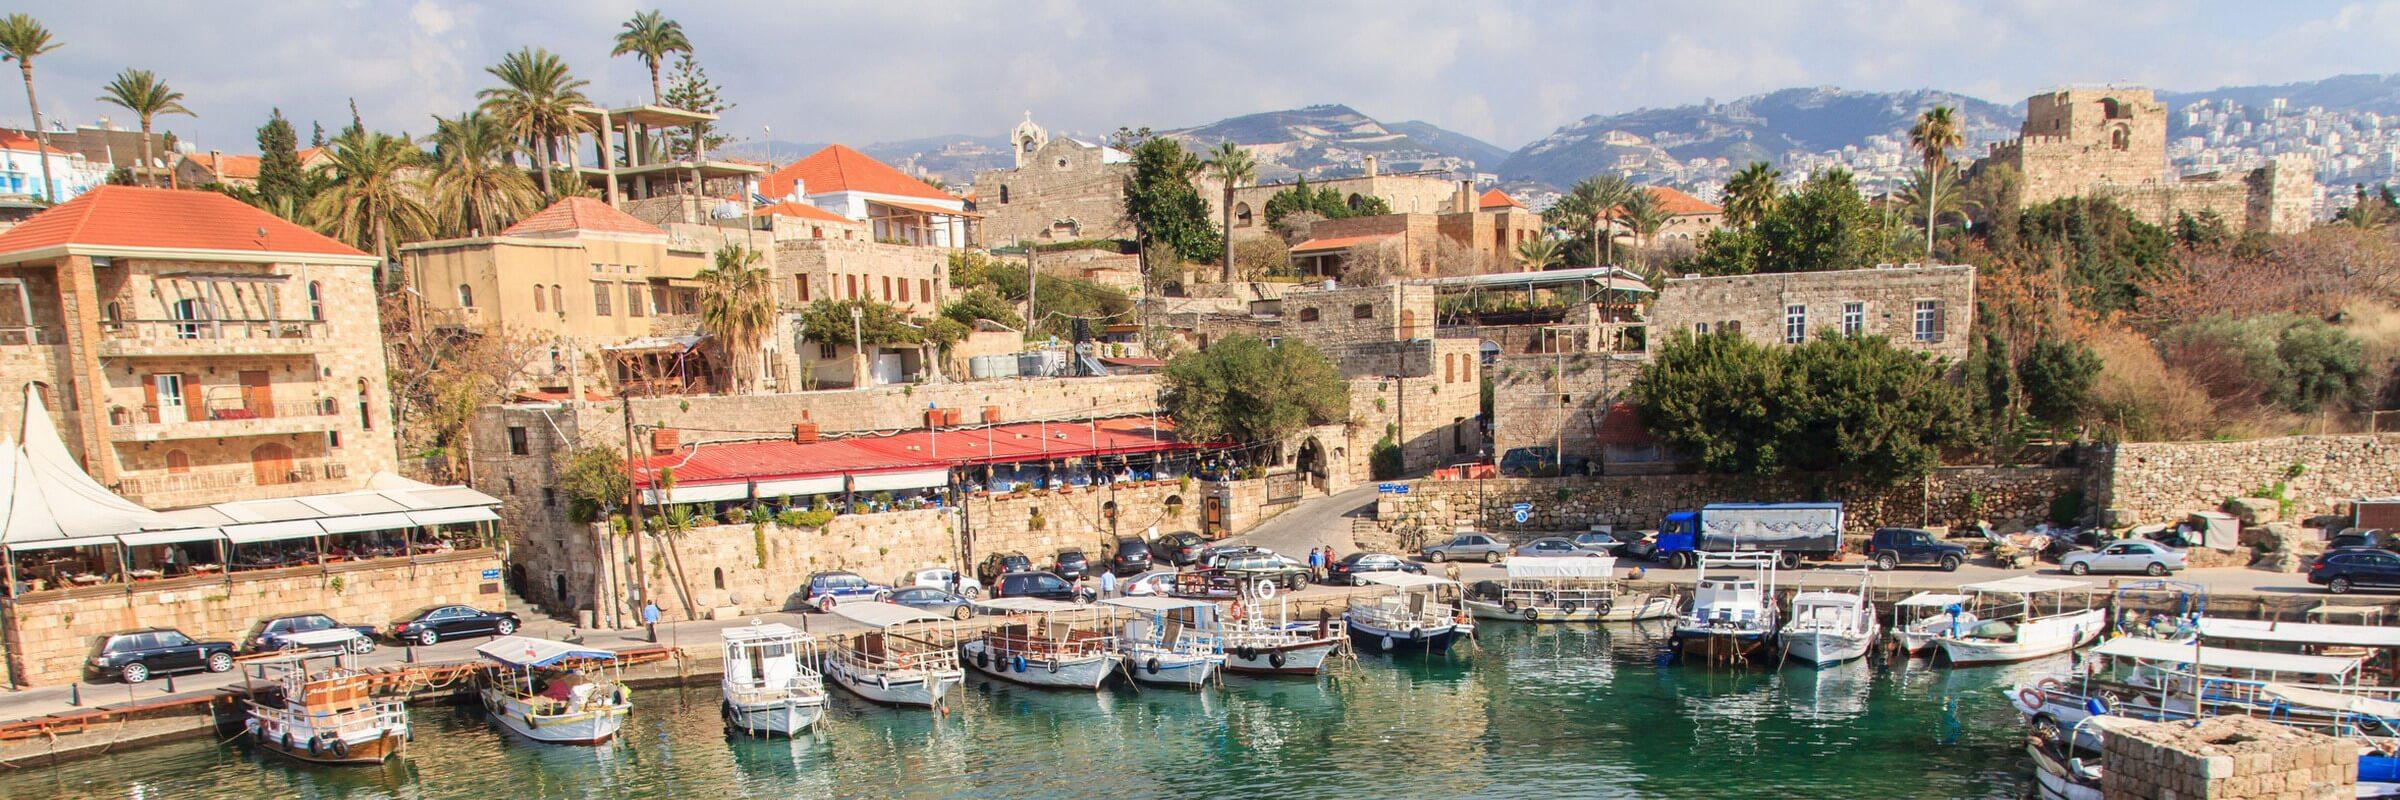 Die Hafenstadt Byblos an der Mittelmeerküste gehört zu den ältesten permanent besiedelten Orten der Welt und wurde 1984 zum UNESCO-Weltkulturerbe erklärt.